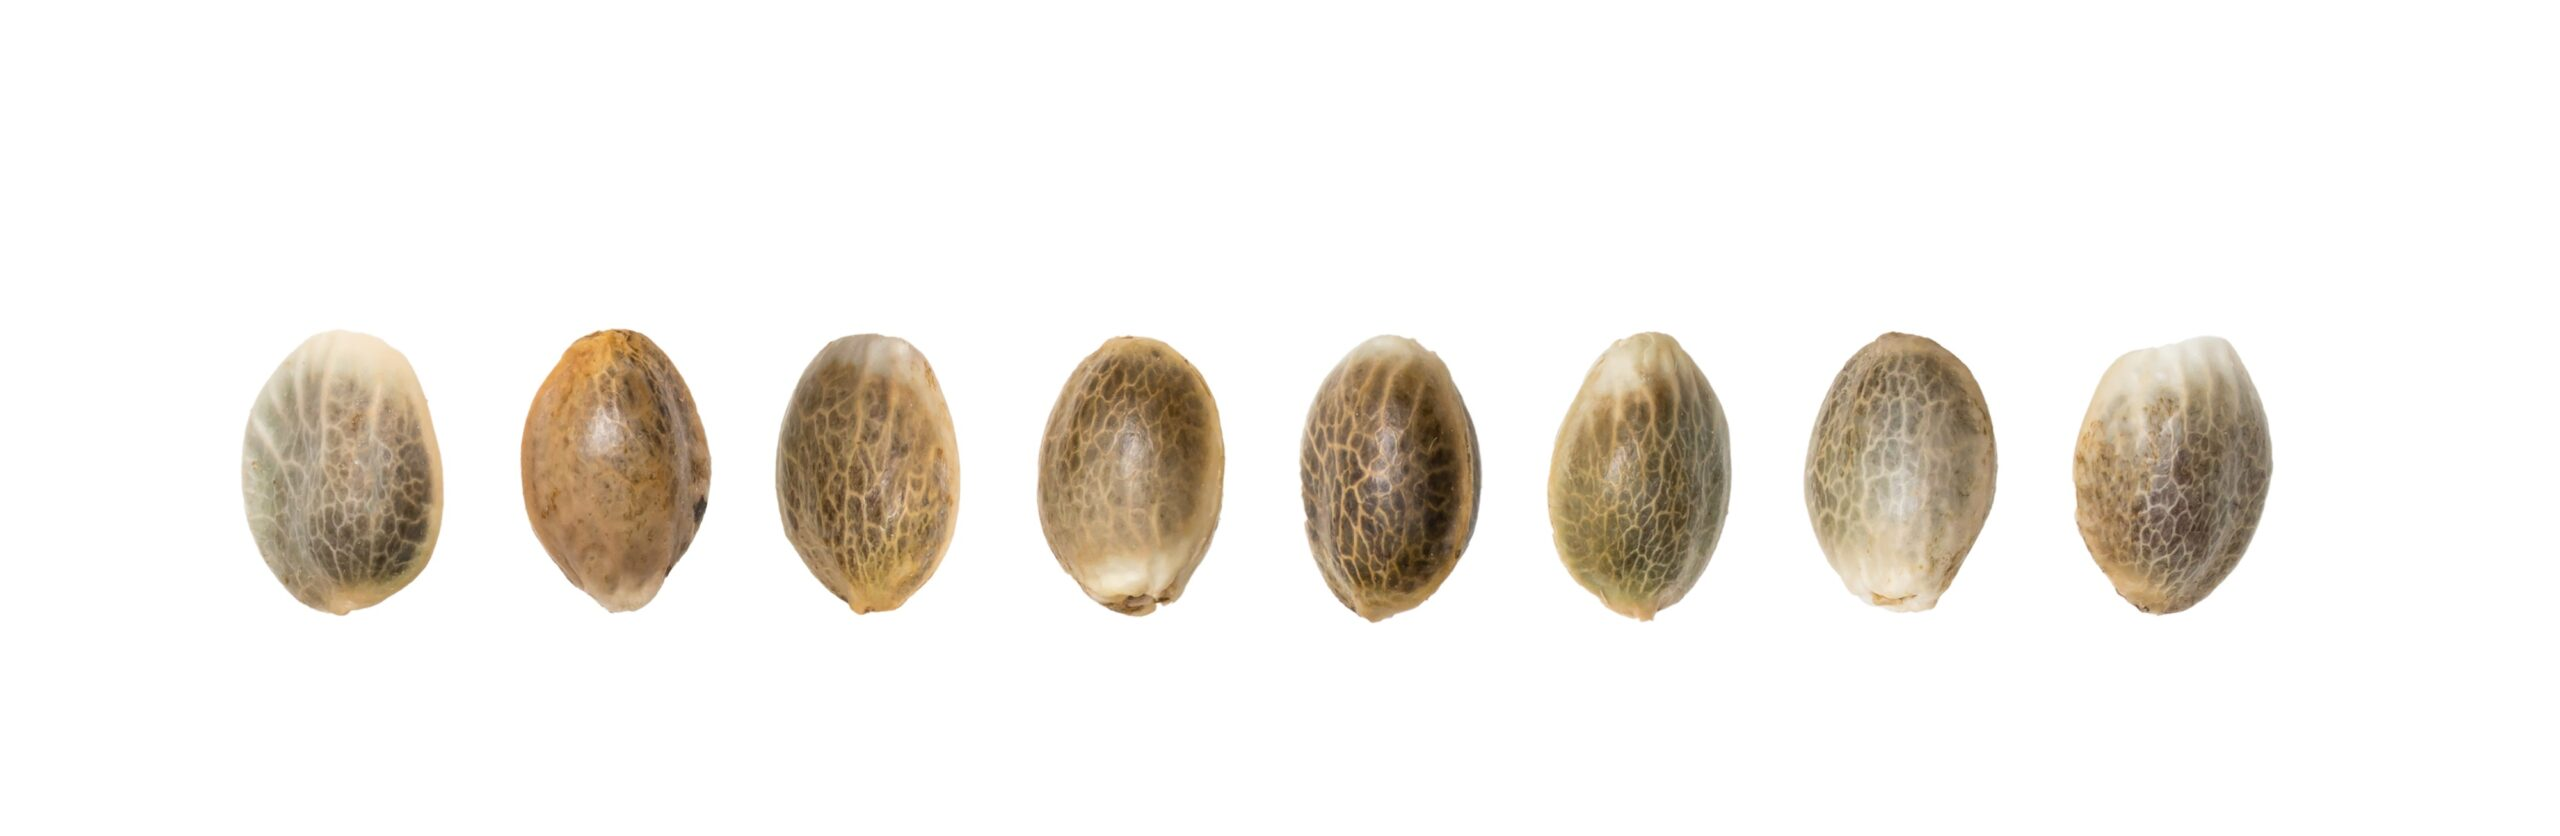 Buy Cheese seeds at Weedseedsexpress